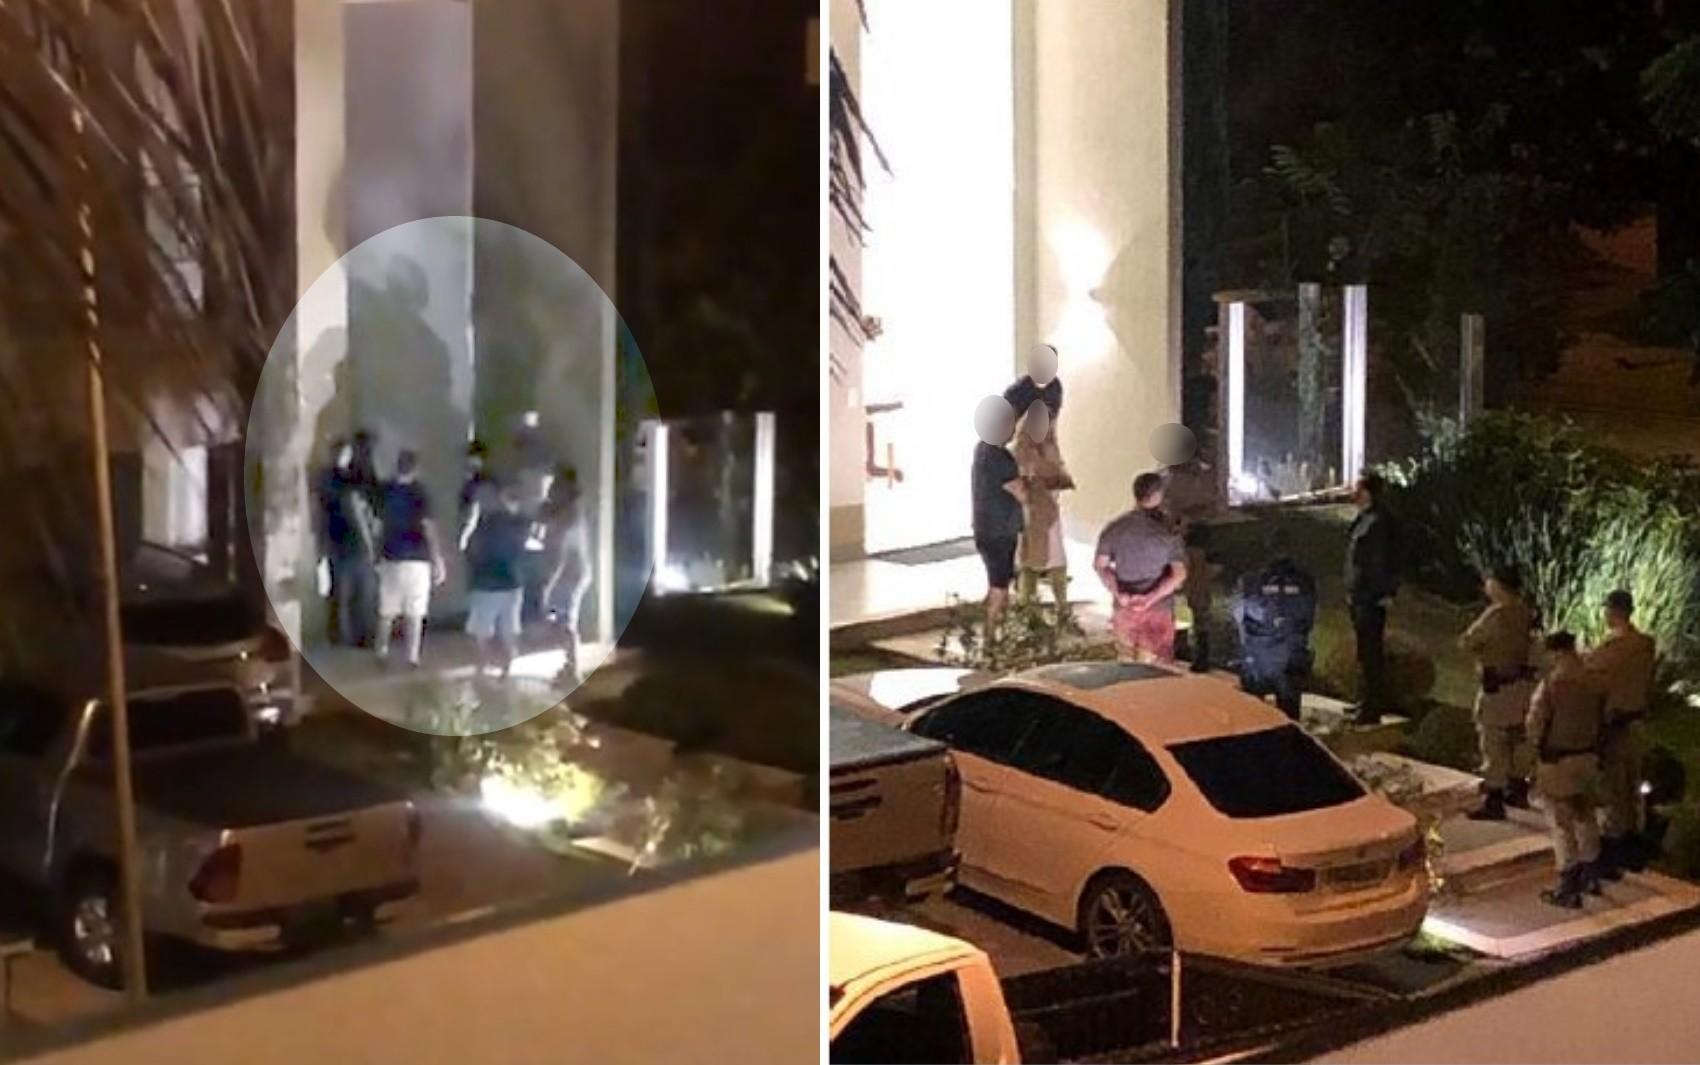 Fotos mostram confusão entre cantor Jefferson Moraes e vizinhos após discussão por causa de festas em condomínio de Goiânia